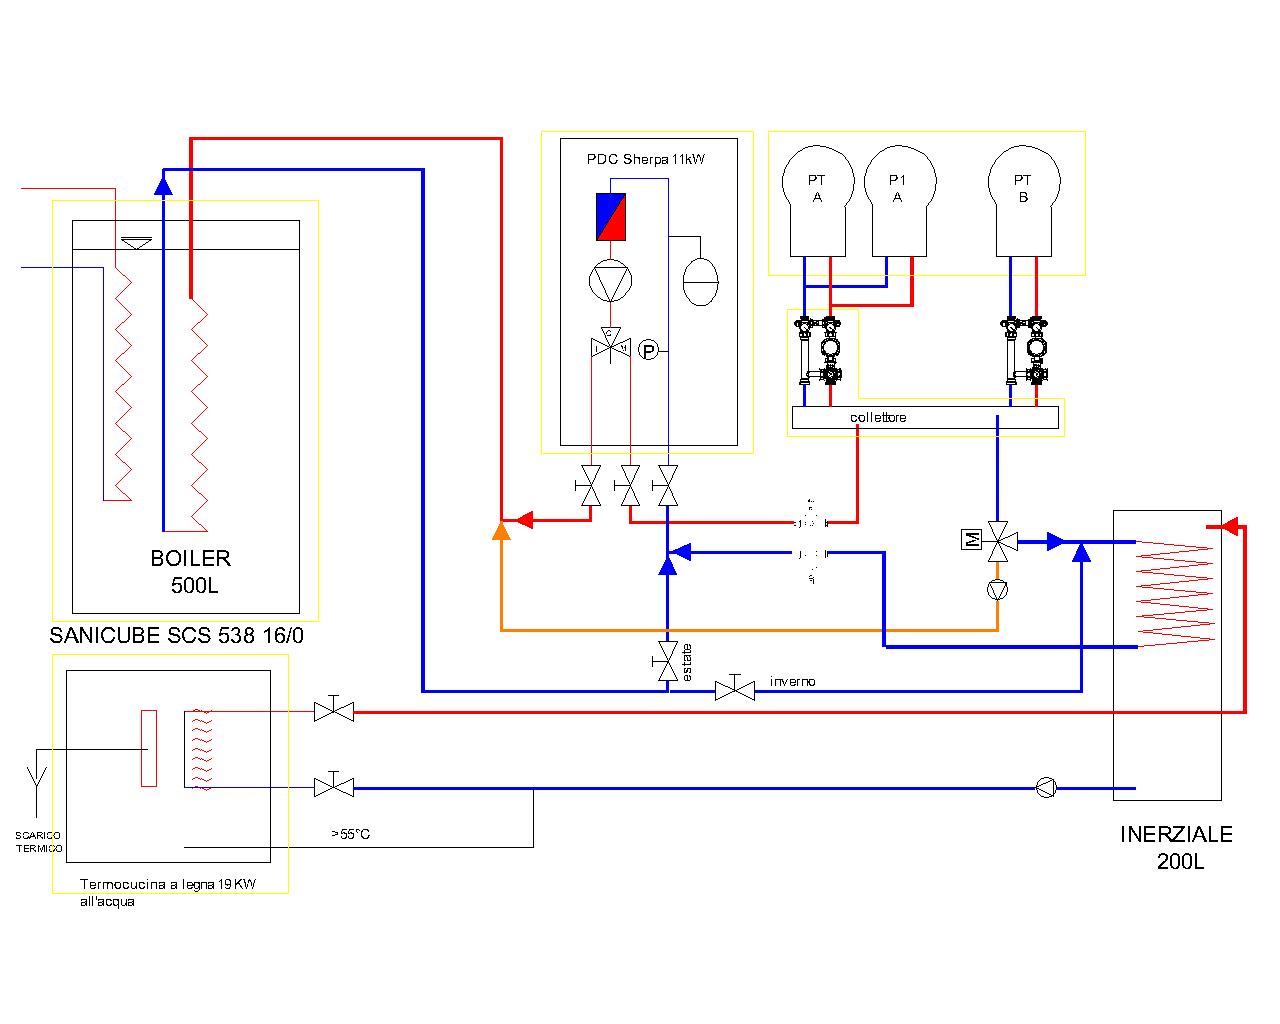 Collegamento termocamino e pompa di calore pagina 1 for Quali tubi utilizzare per l impianto idraulico